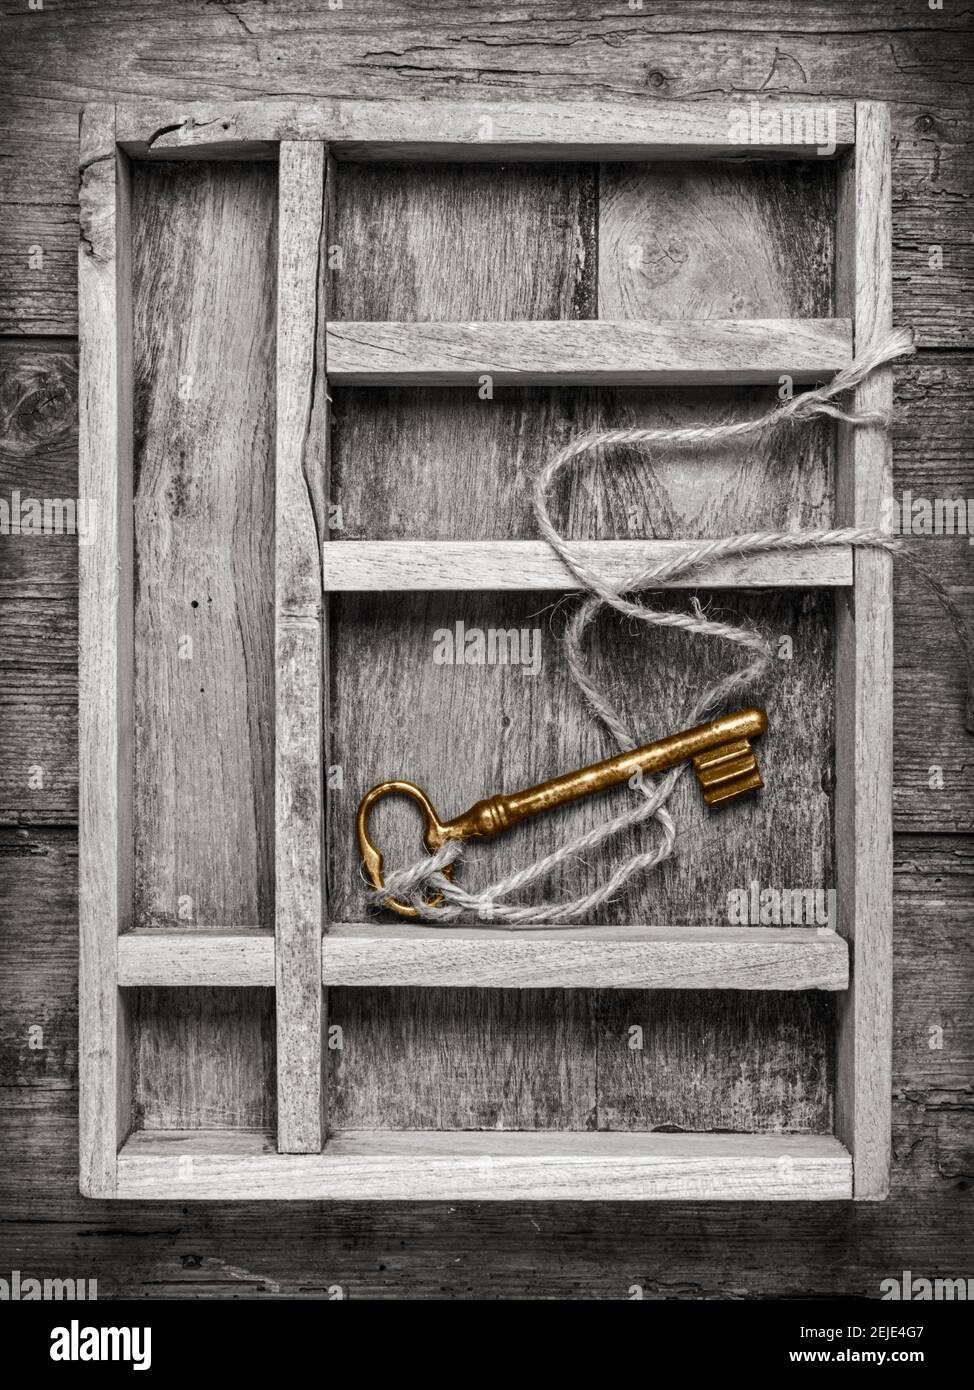 chiave d'oro vintage con cordoncino nel vano di una scatola di legno, vista dall'alto Foto Stock